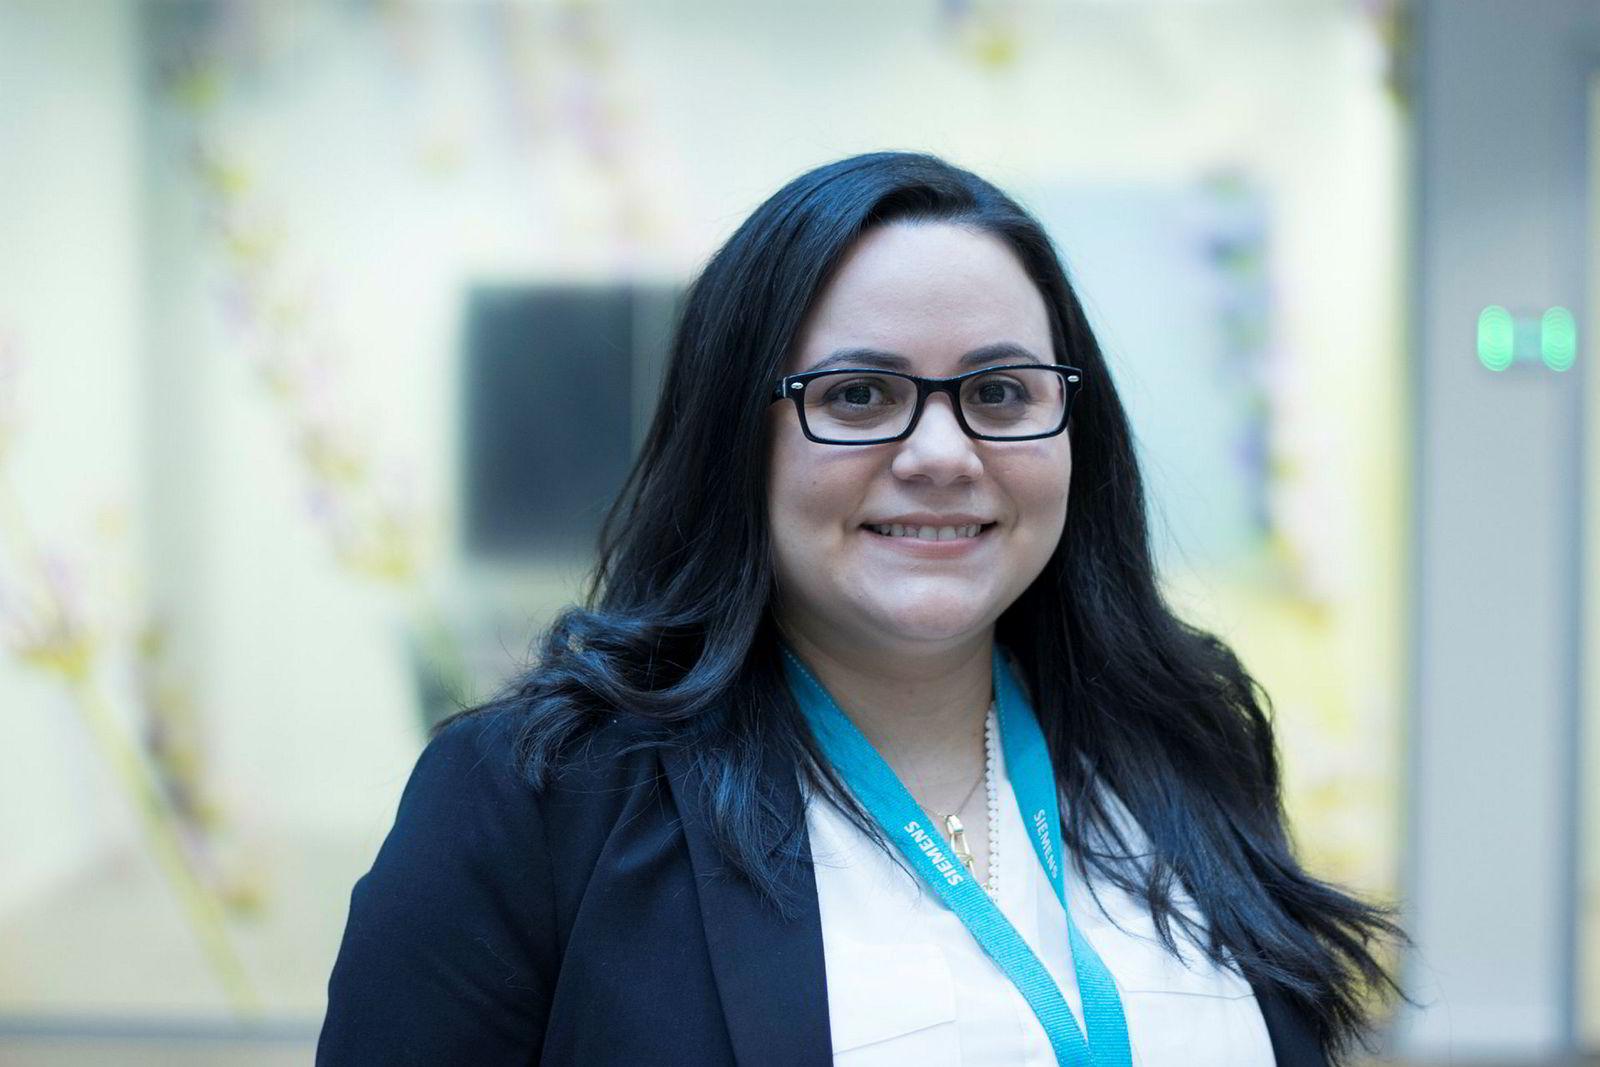 Maria Aveledo er spesialisert på IT-sikkerhet.